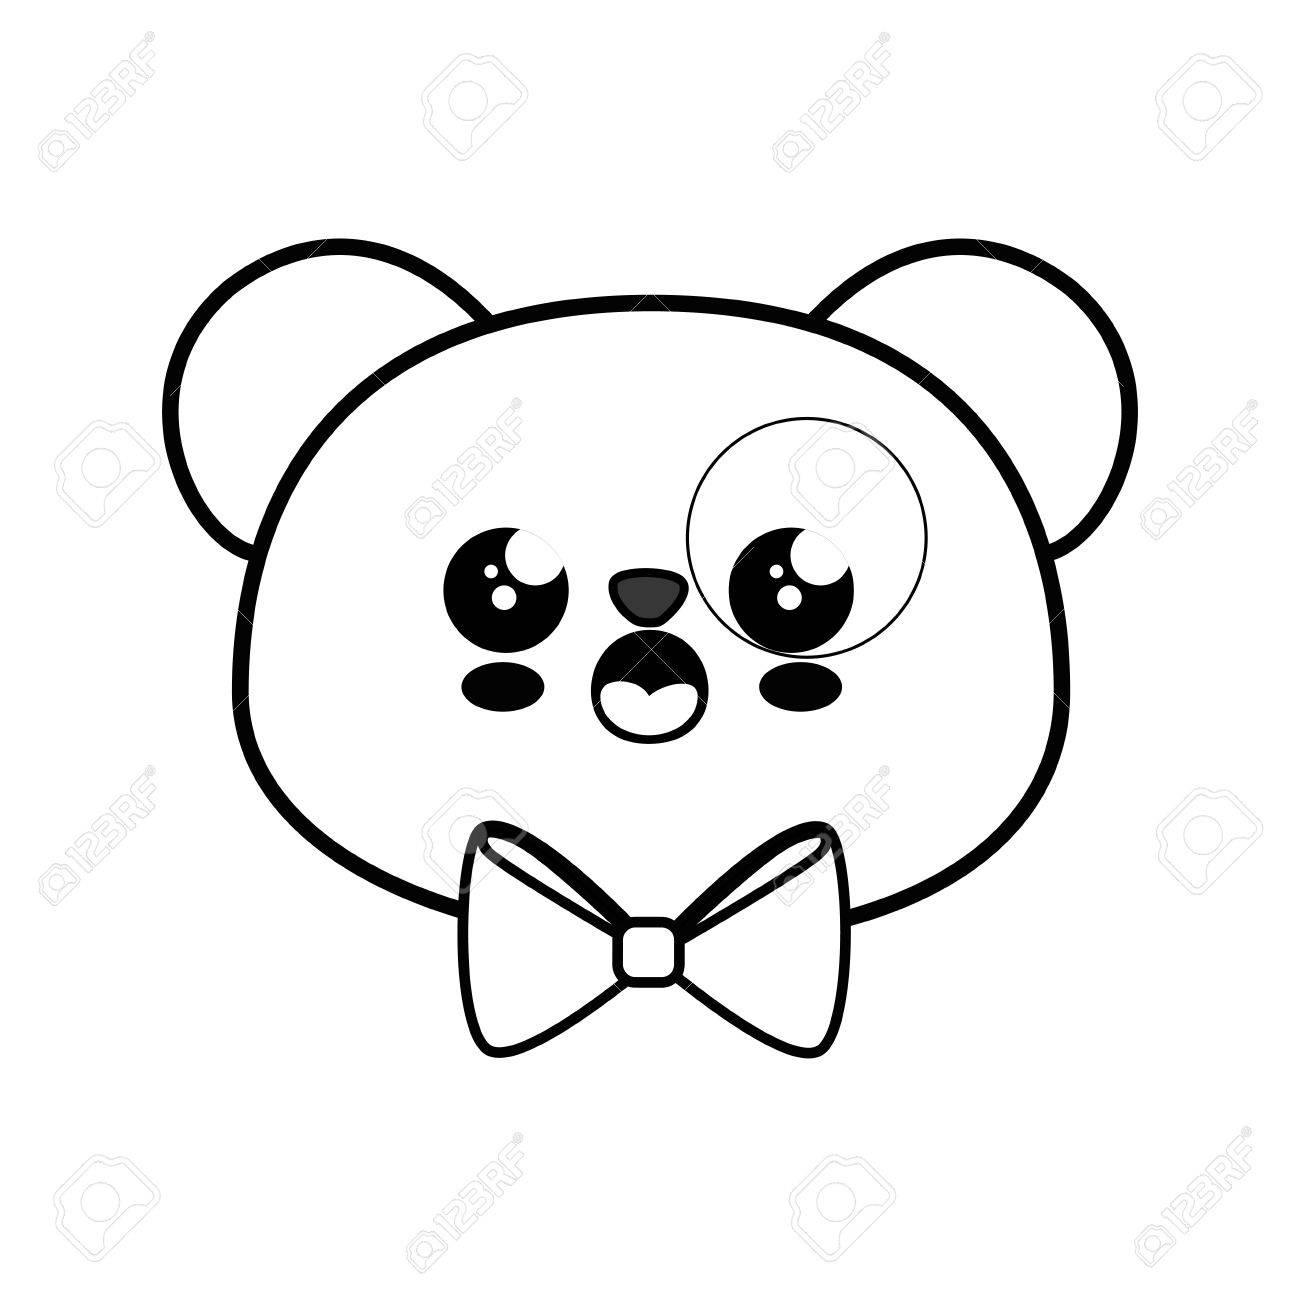 Bear Panda Kawaii Dessin Anime Icone Vector Illustration Graphisme Clip Art Libres De Droits Vecteurs Et Illustration Image 79348042